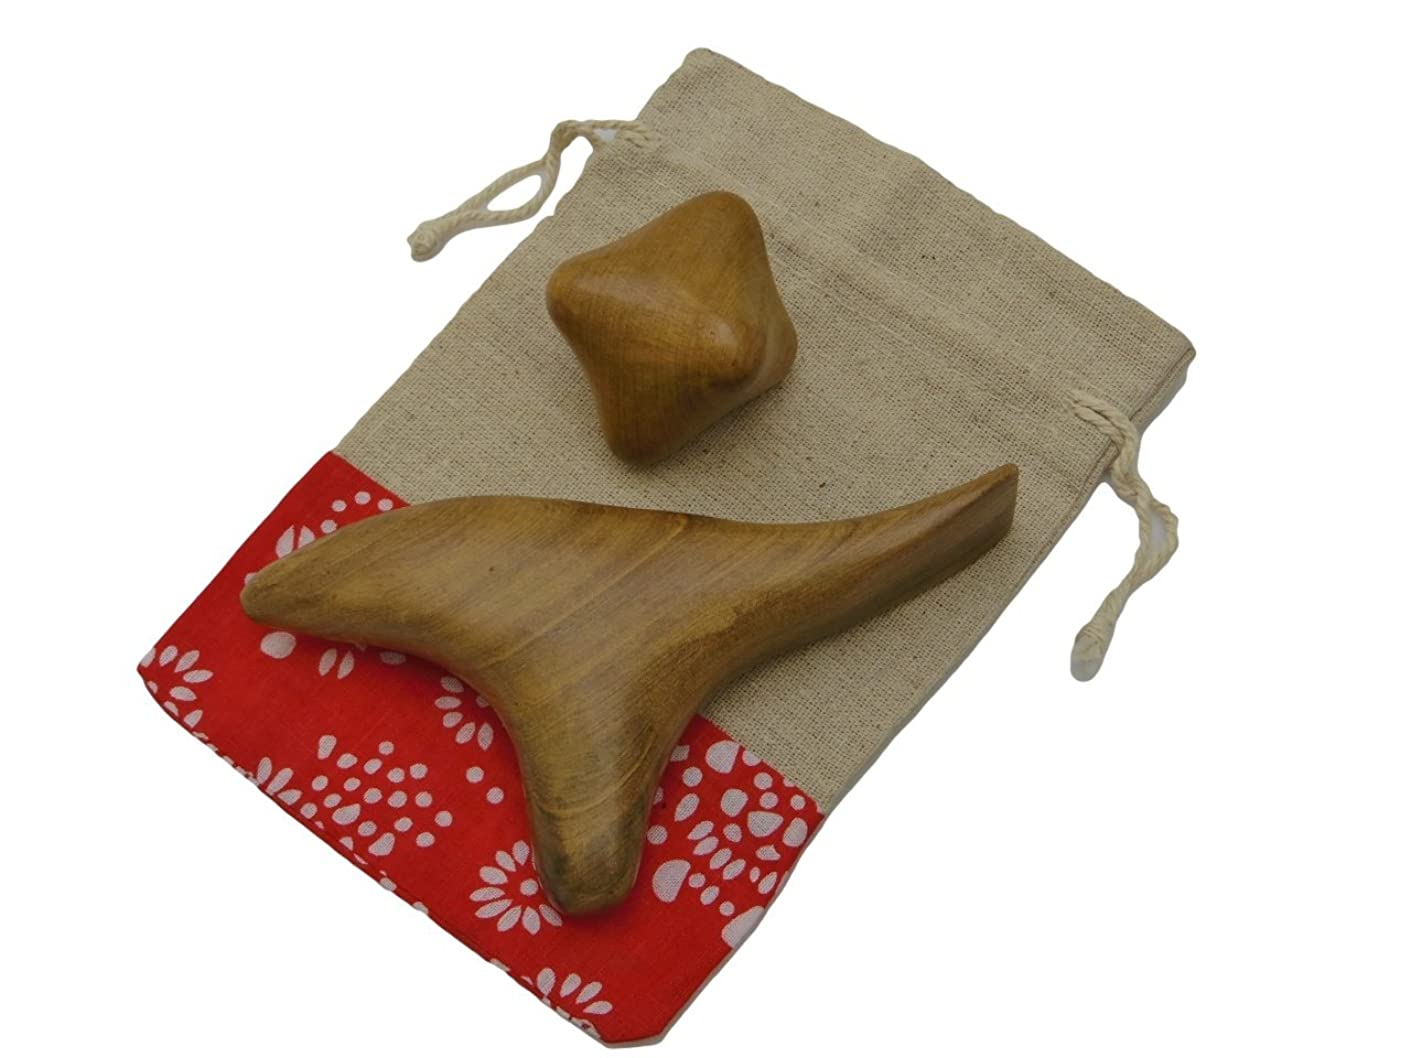 アクセルようこそハンディImport miscellaneous goods 木製 指圧 棒 ツボ 押し マッサージ 玉 リンパ 足 手 つぼ かっさ 2